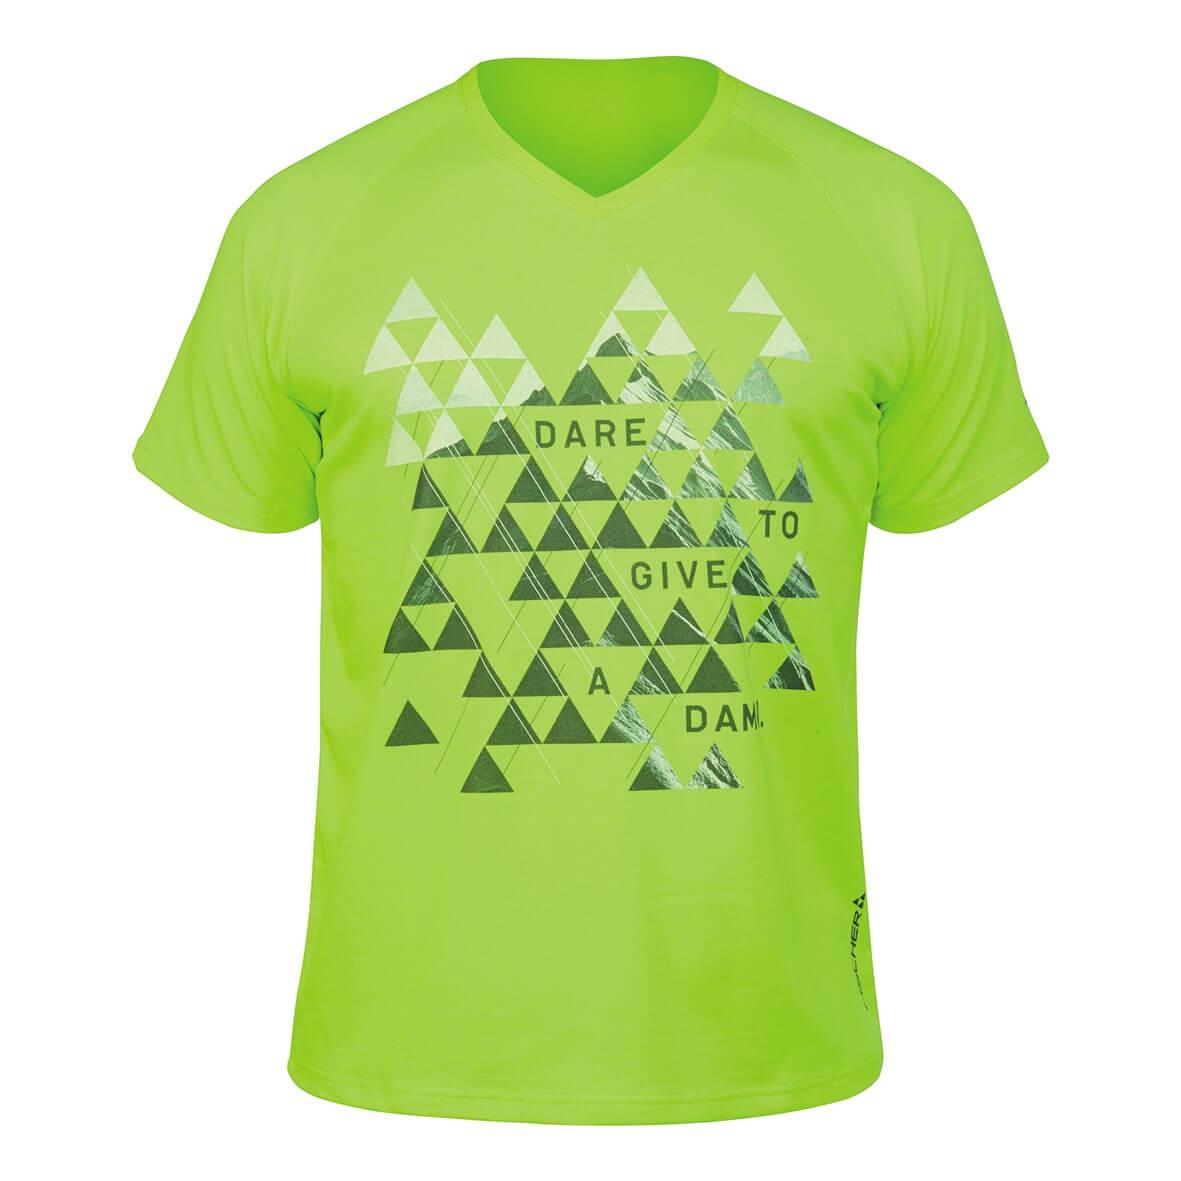 fischer t-shirt valuga neon yellow